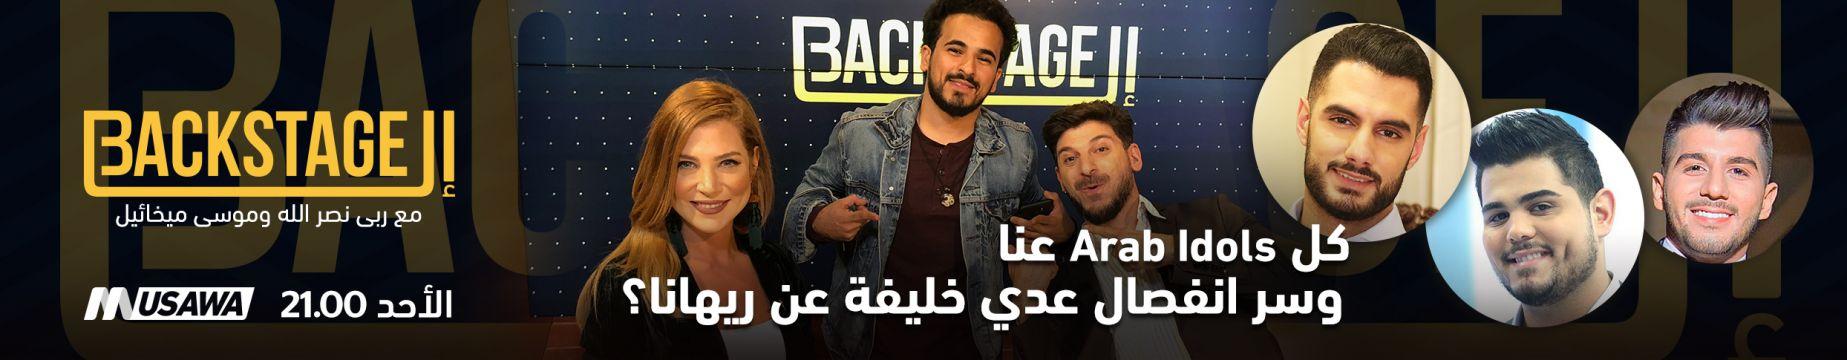 كل Arab Idols  عنا